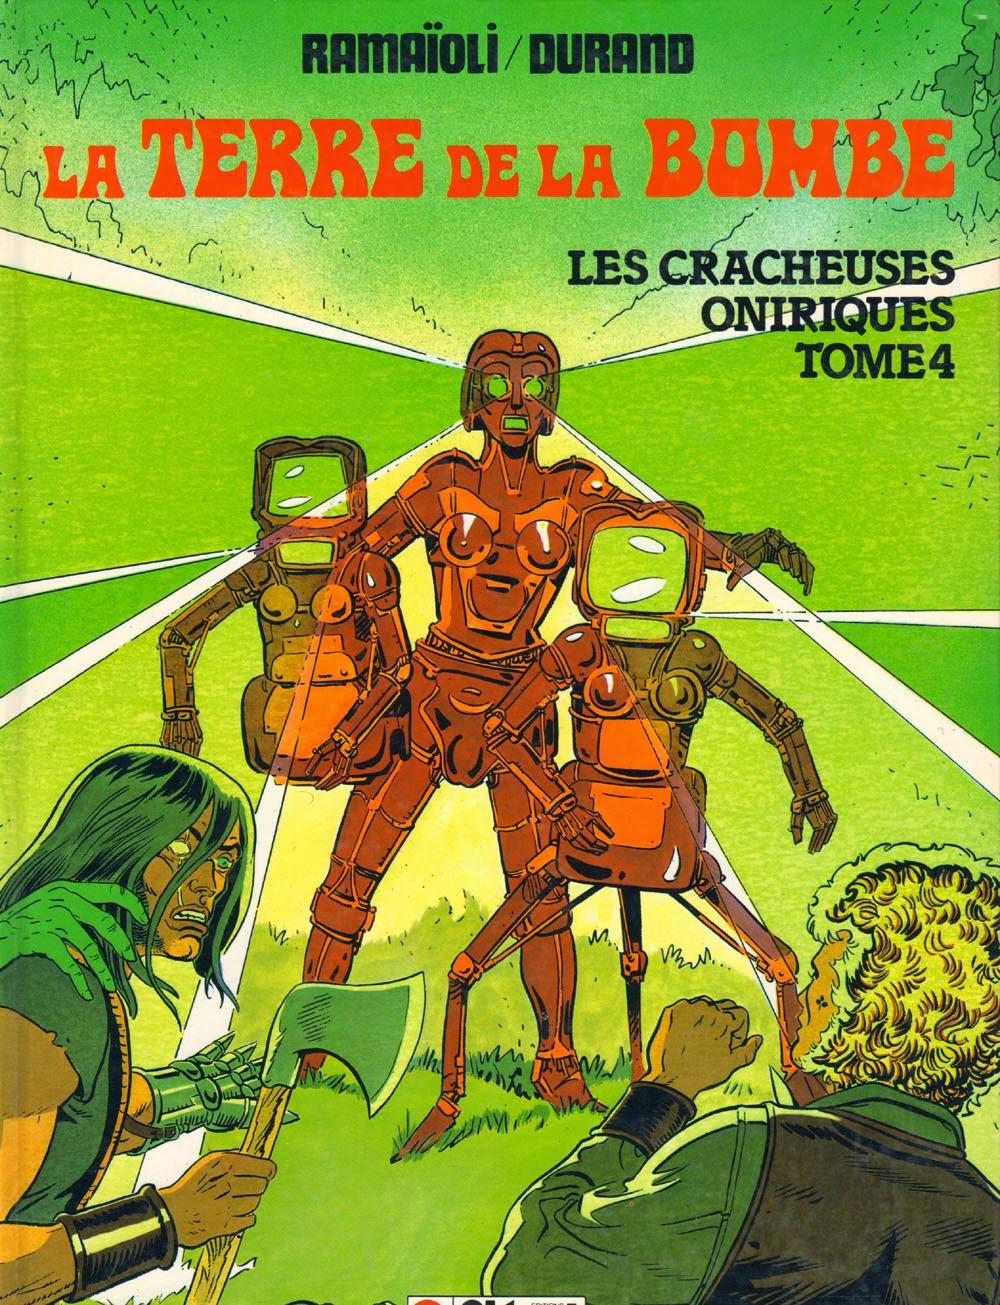 http://laterredelabombe.blogspot.fr/2014/10/les-cracheuses-oniriques-1ere-partie.html